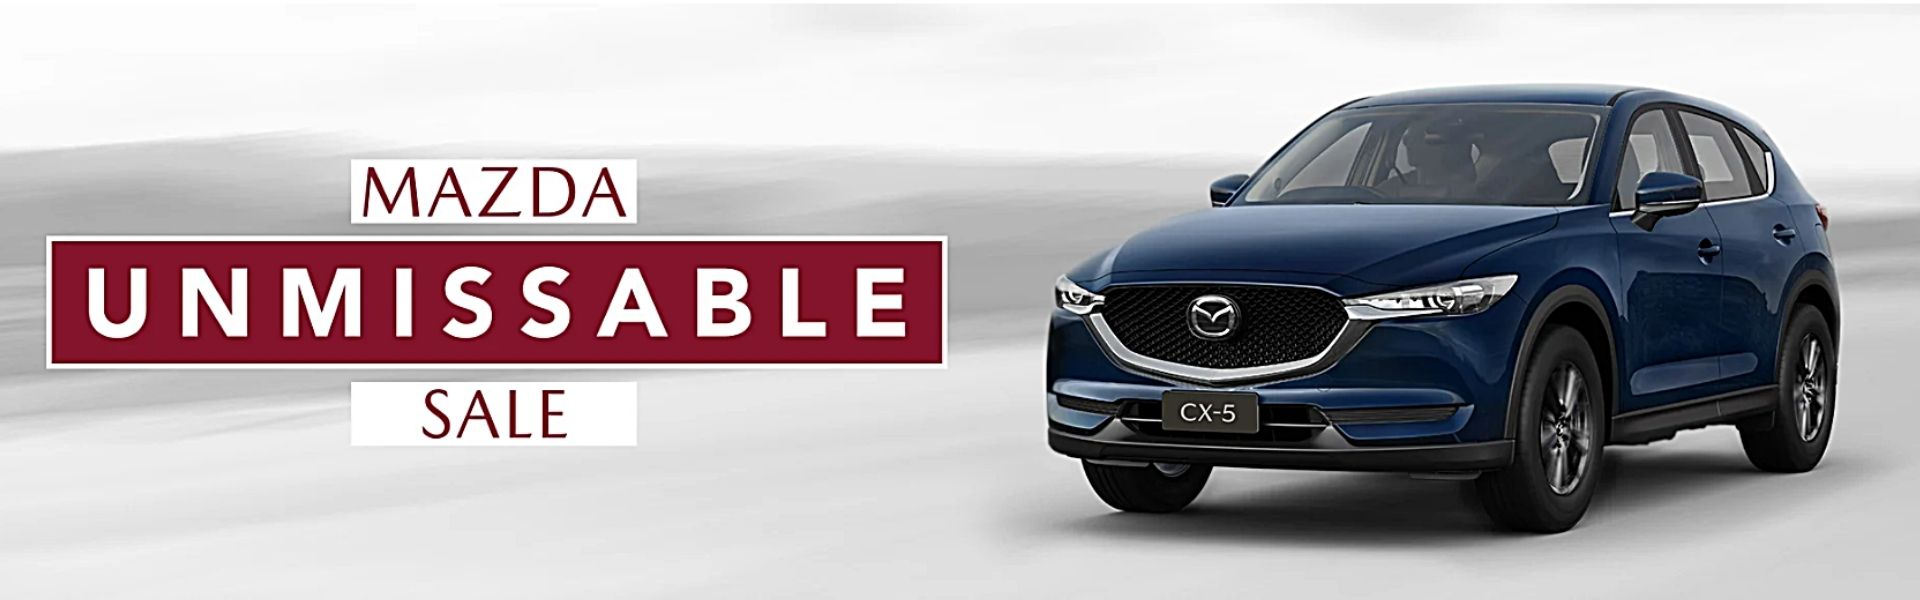 Mazda Unmissable Sale 2021